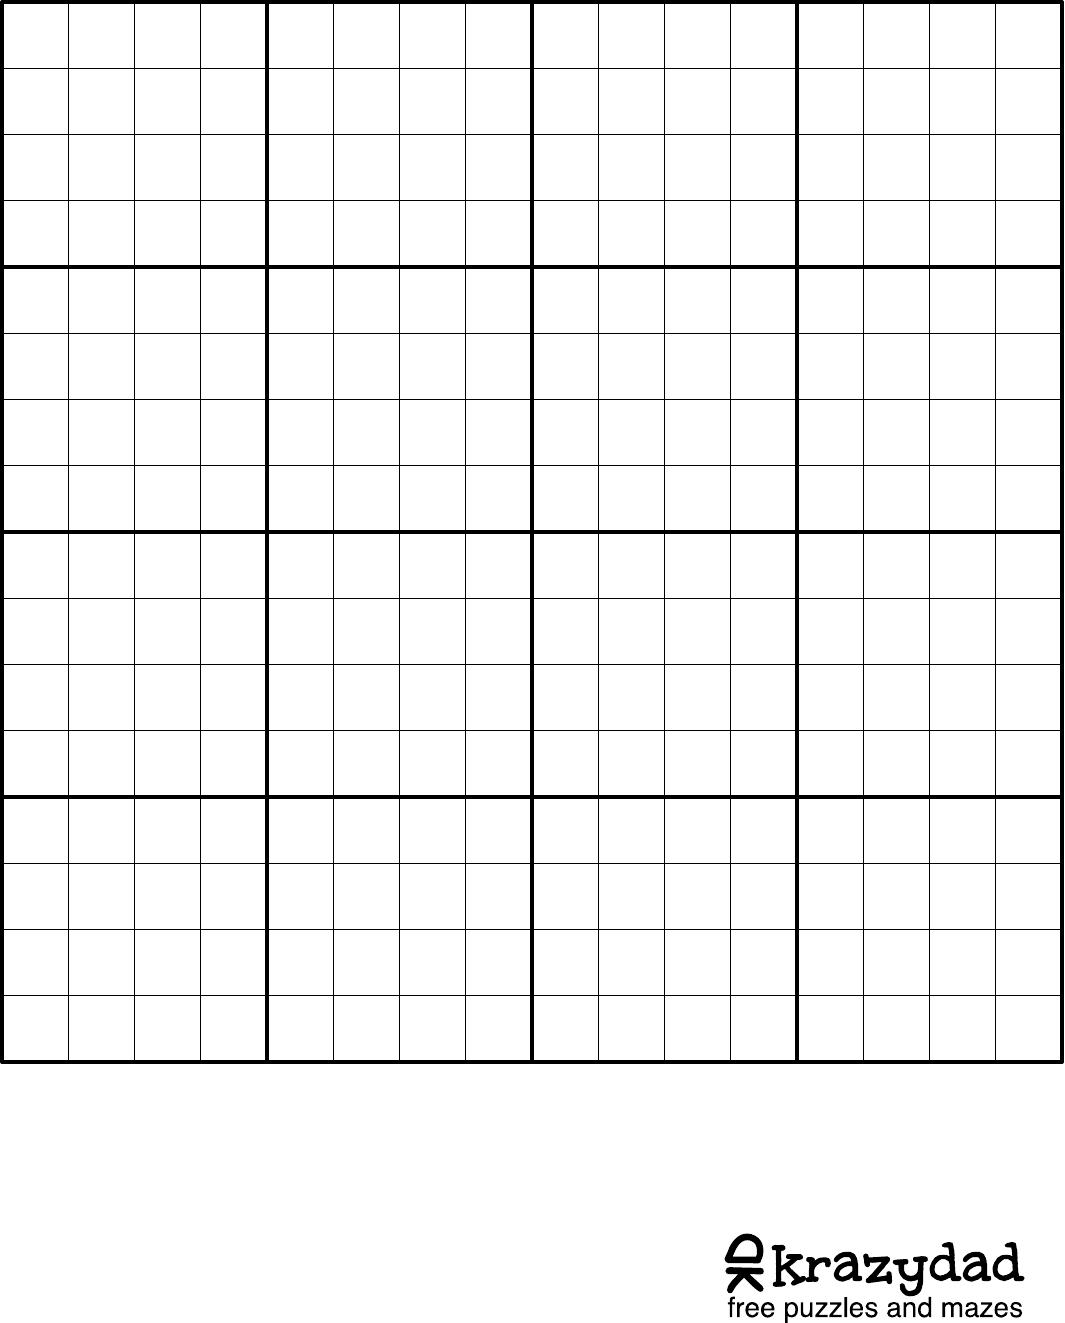 Hex Sudokukrazydad